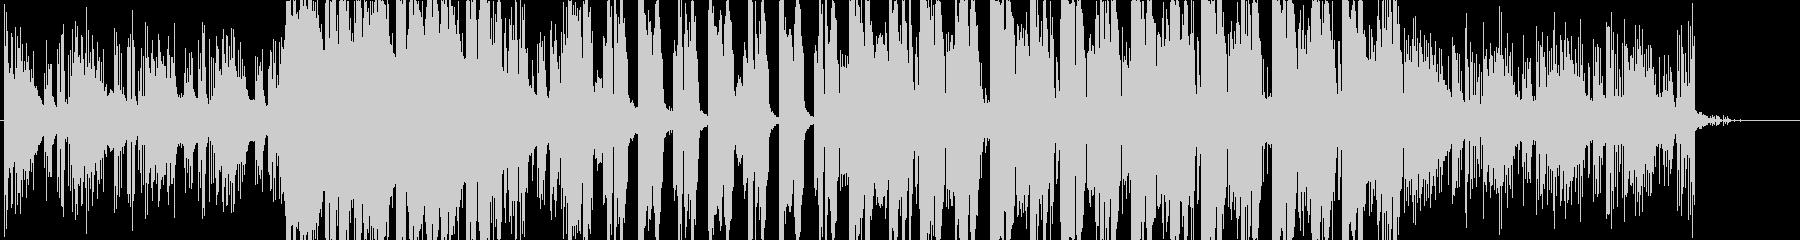 イントロが印象的なおしゃれなエレクトロの未再生の波形